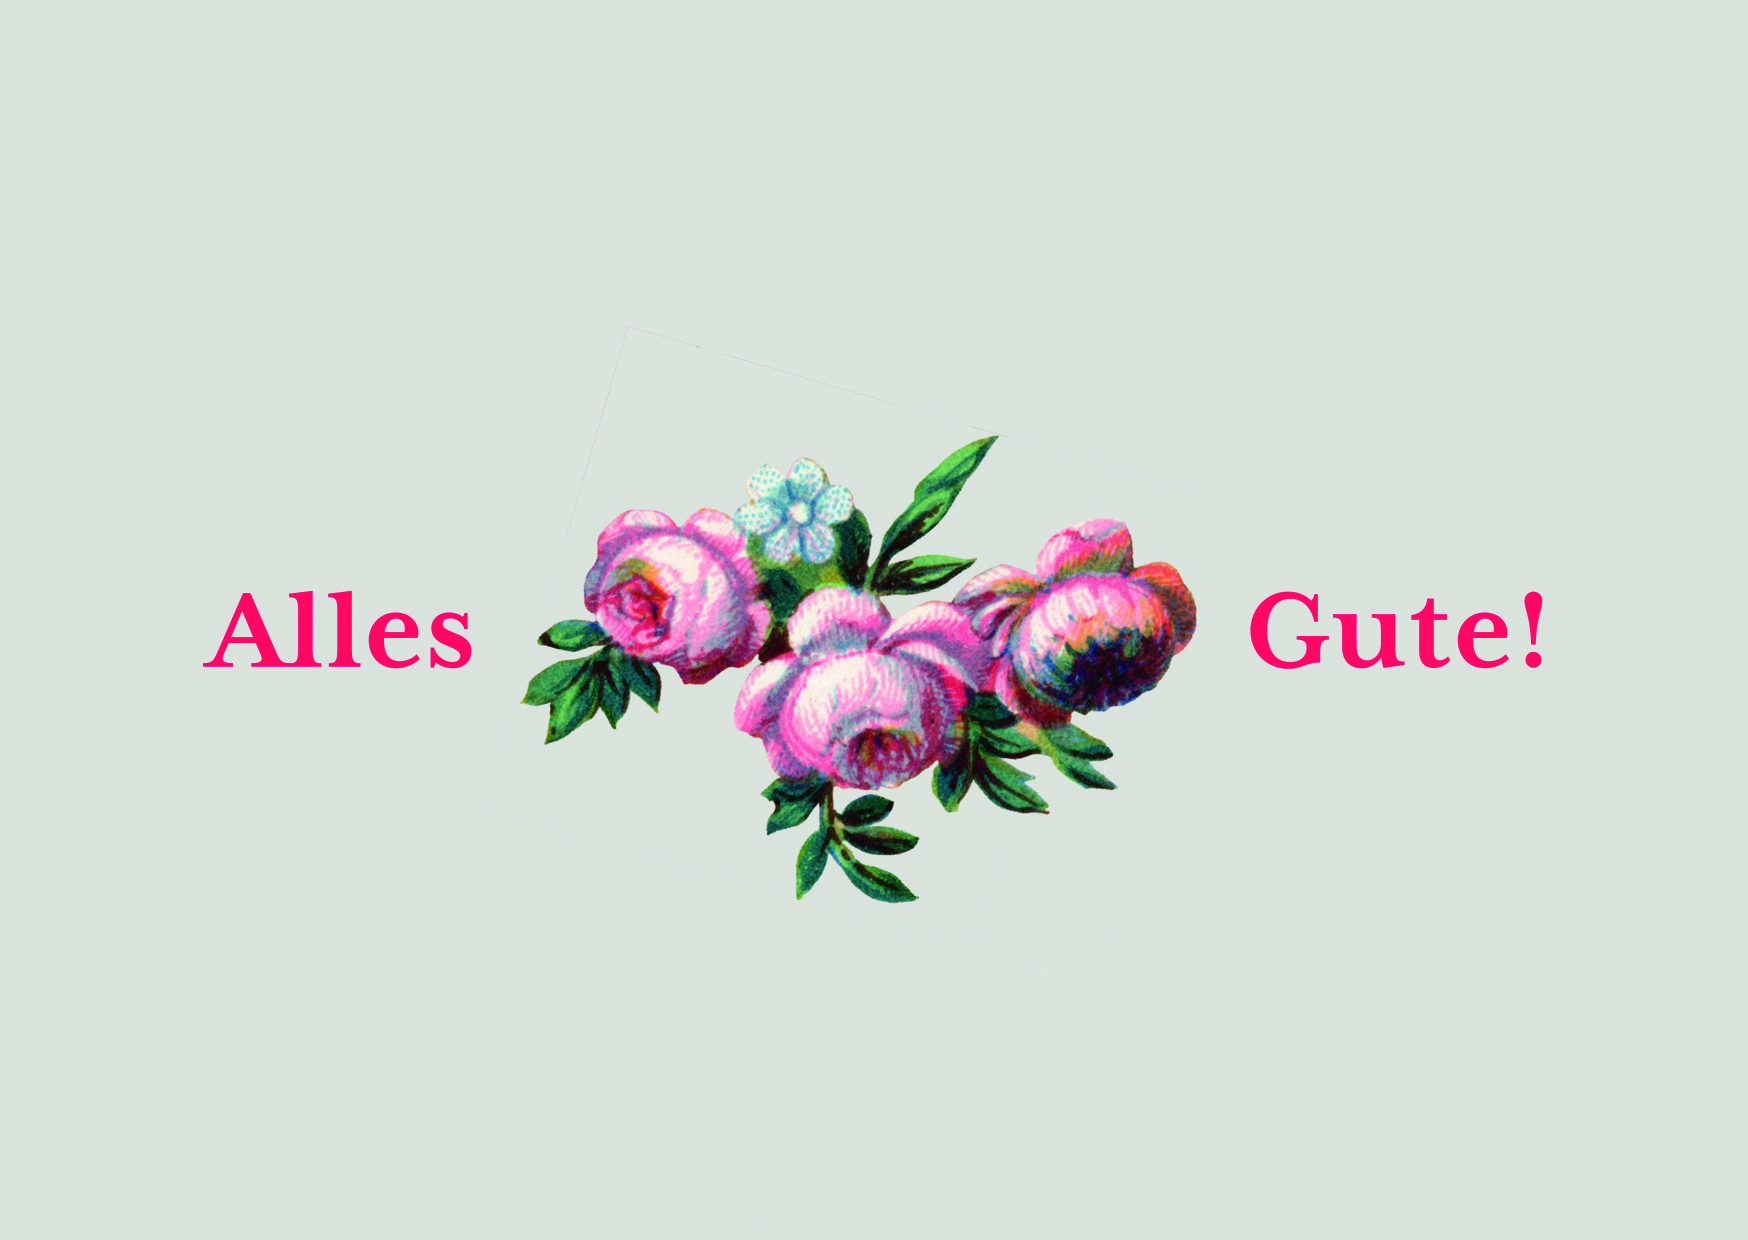 Augenblicke der Besinnung - Grußkarte Blumen